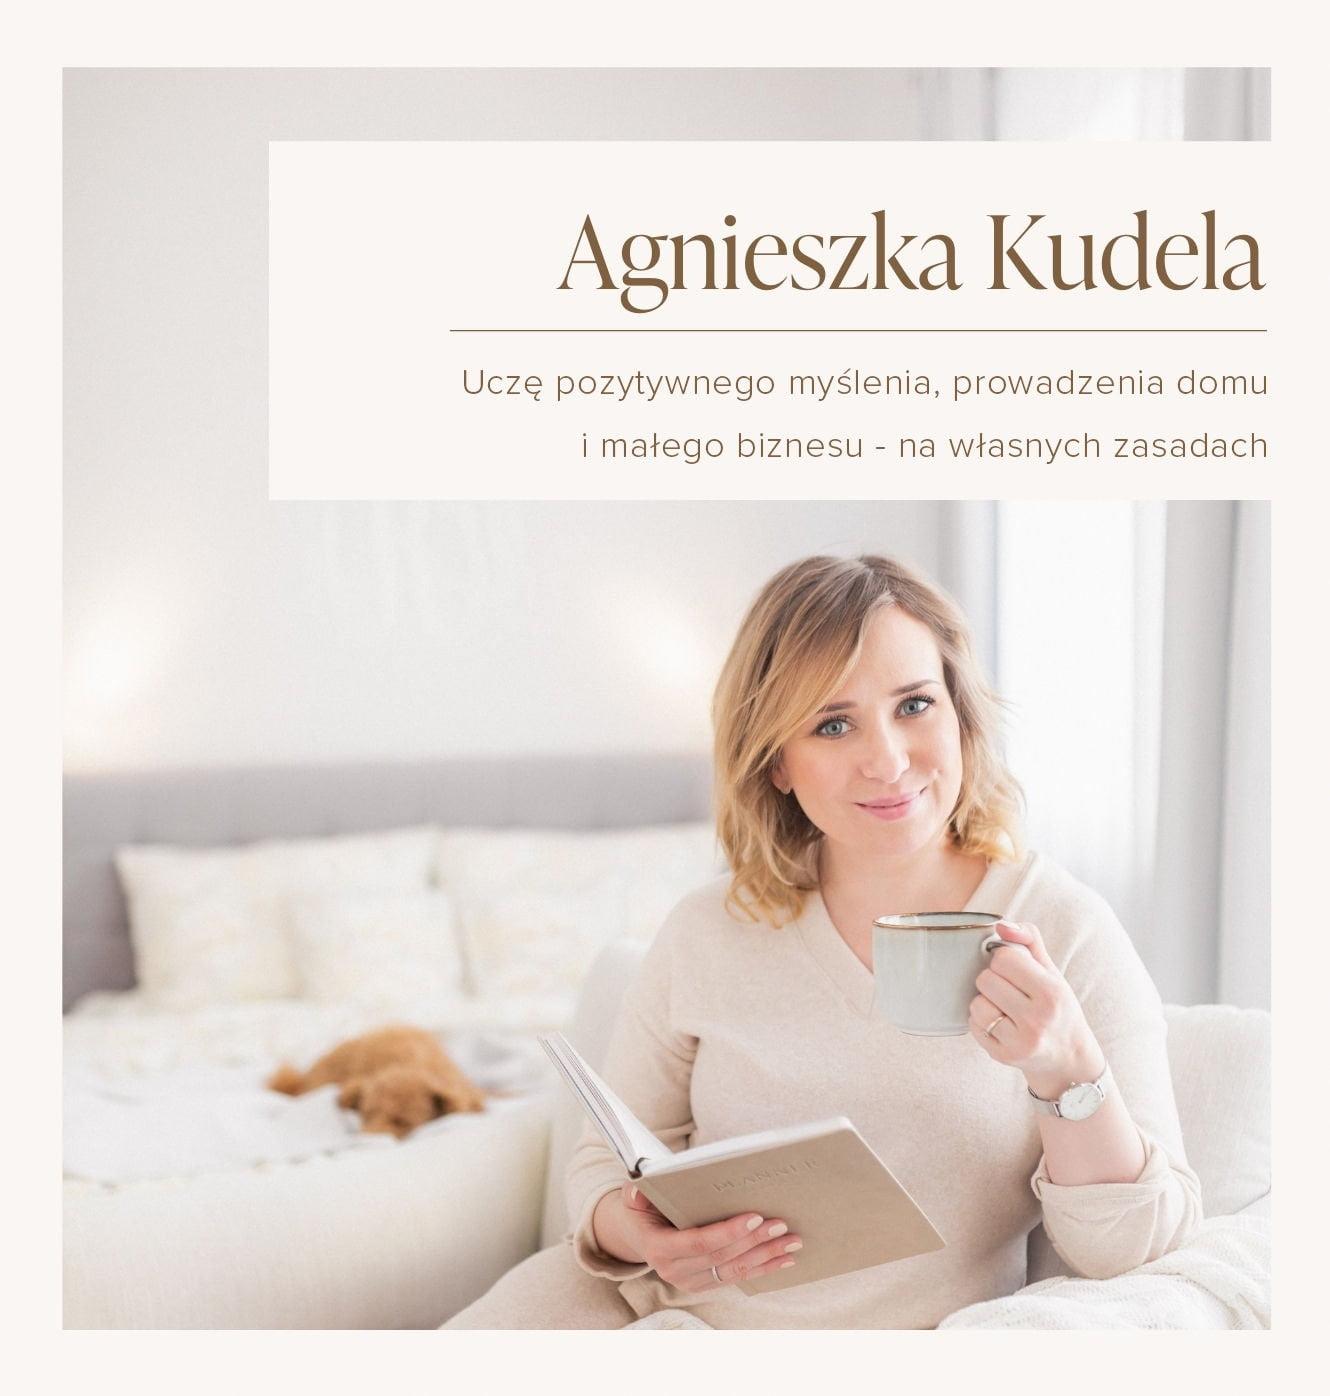 Agnieszka Kudela - Uczę pozytywnego myślenia